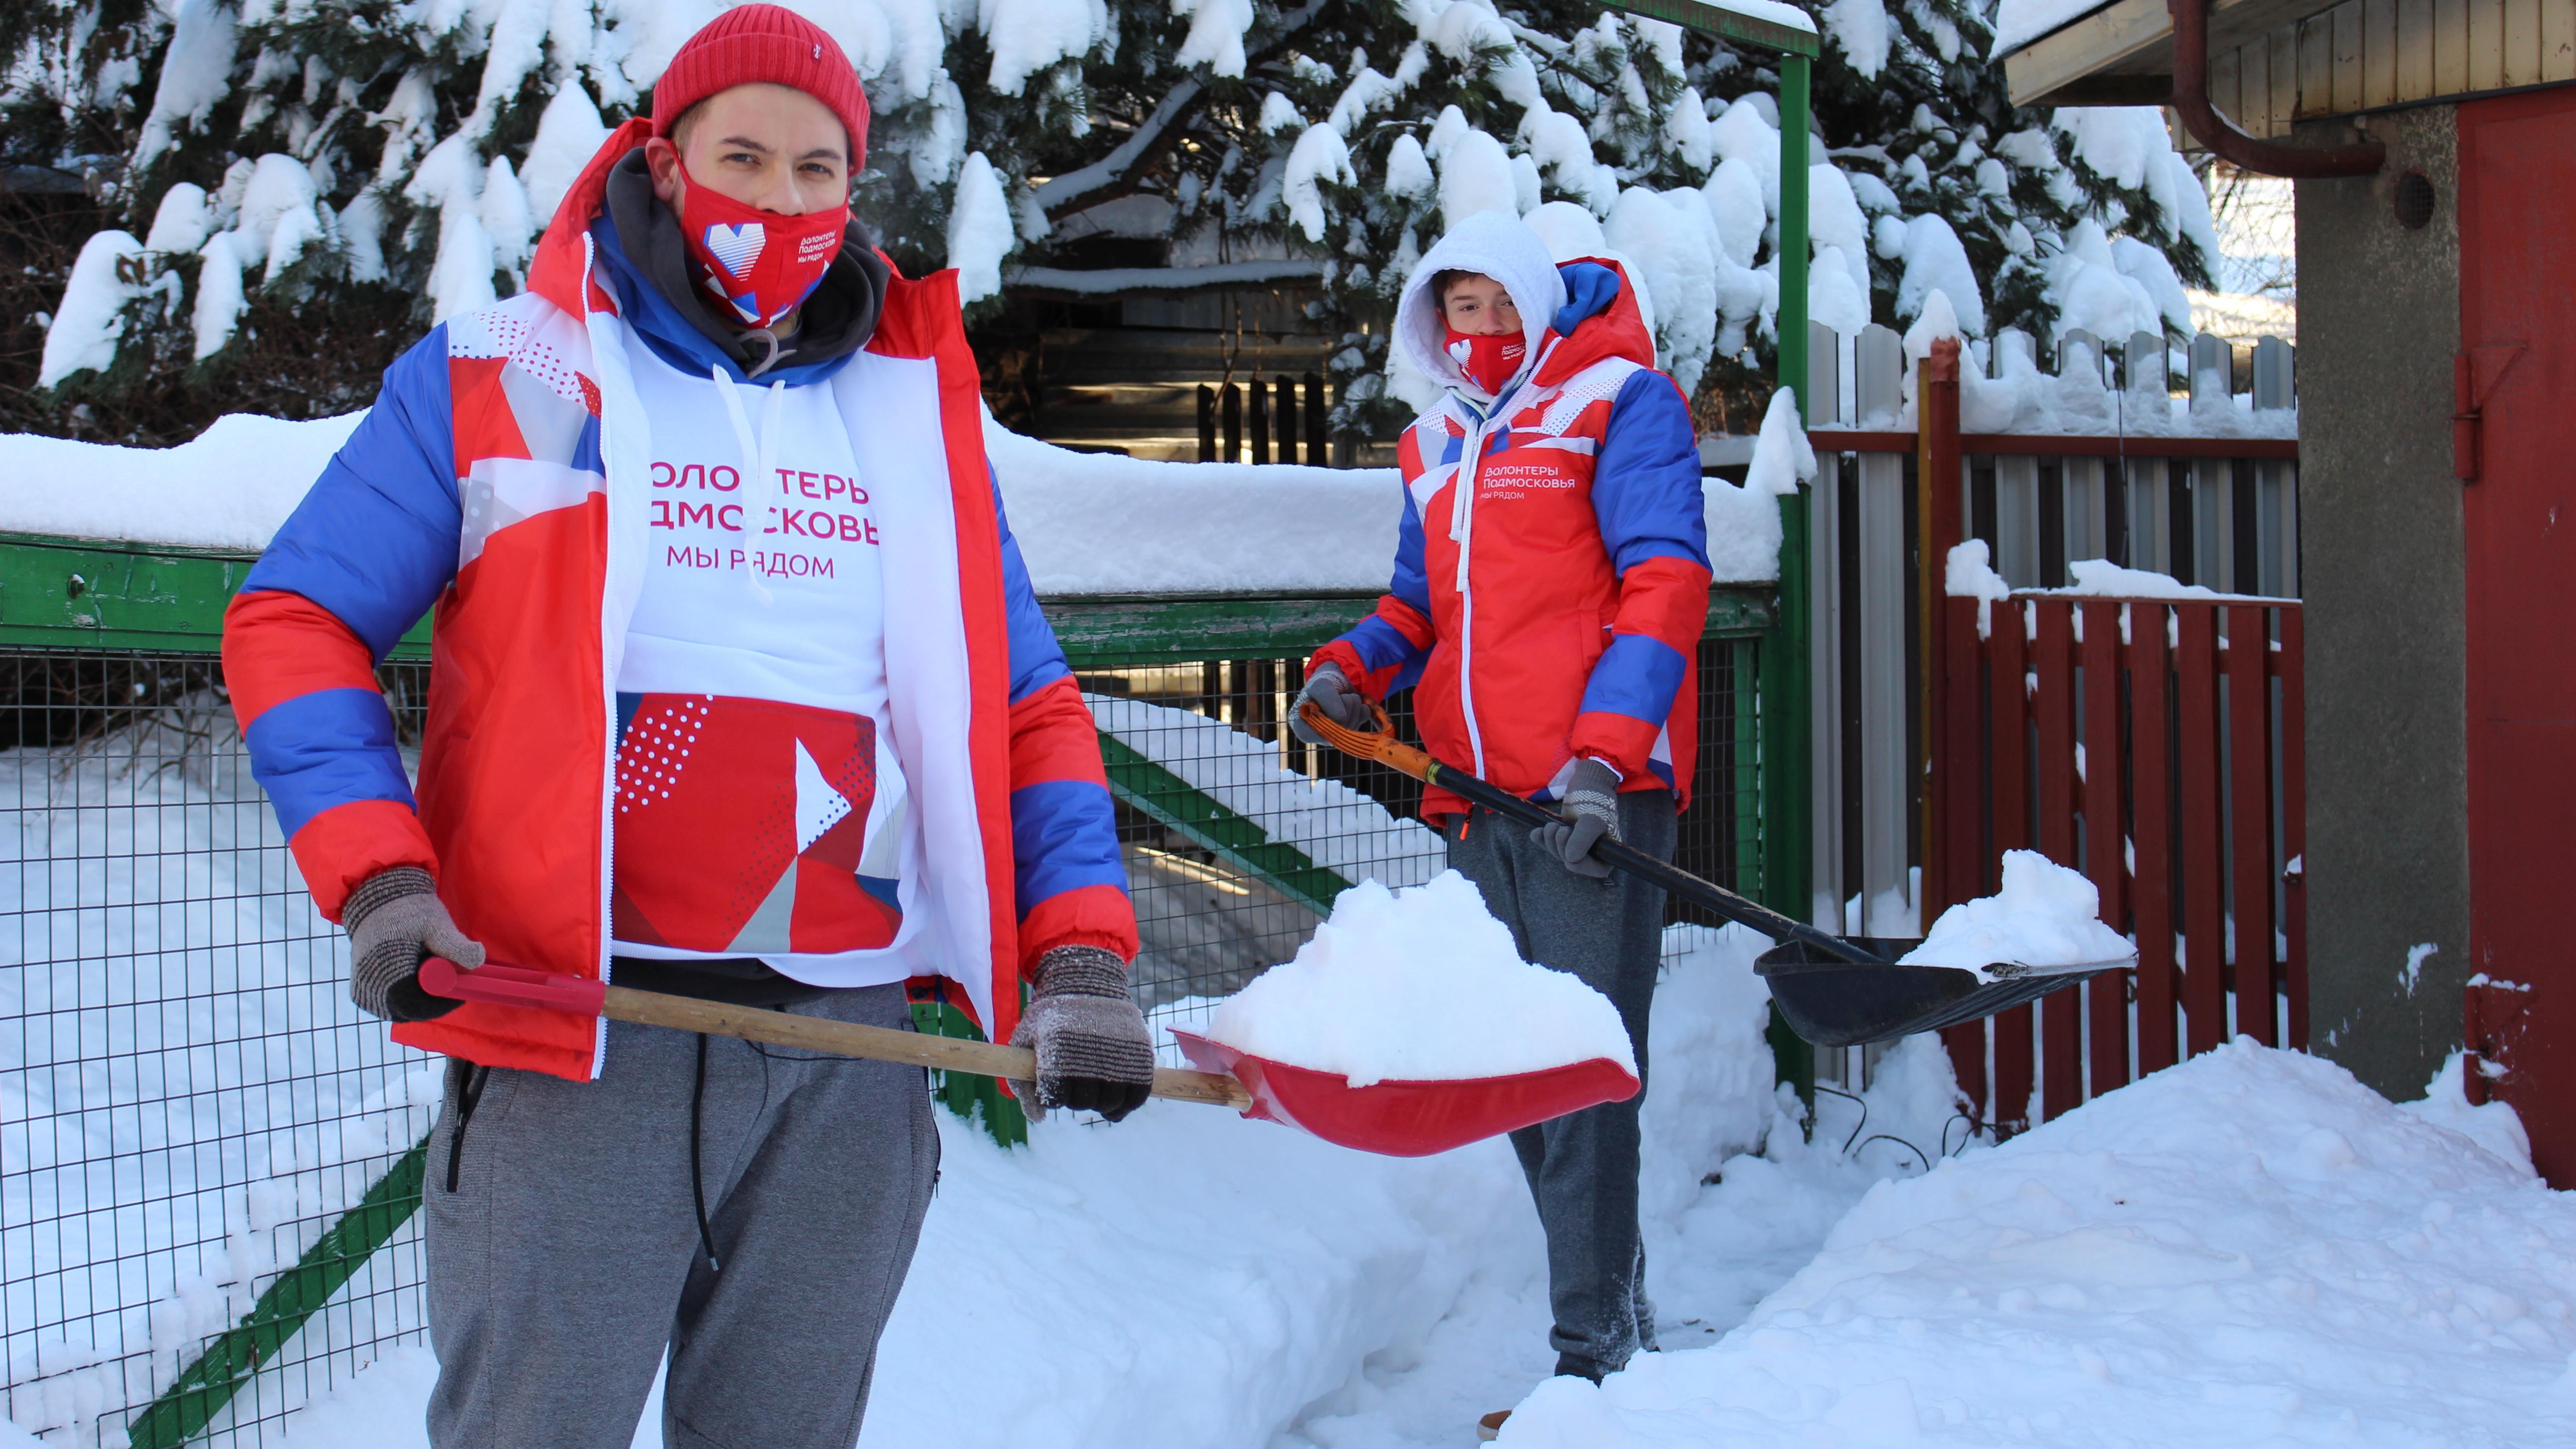 Волонтеры Московской области готовы прийти на помощь в уборке снега